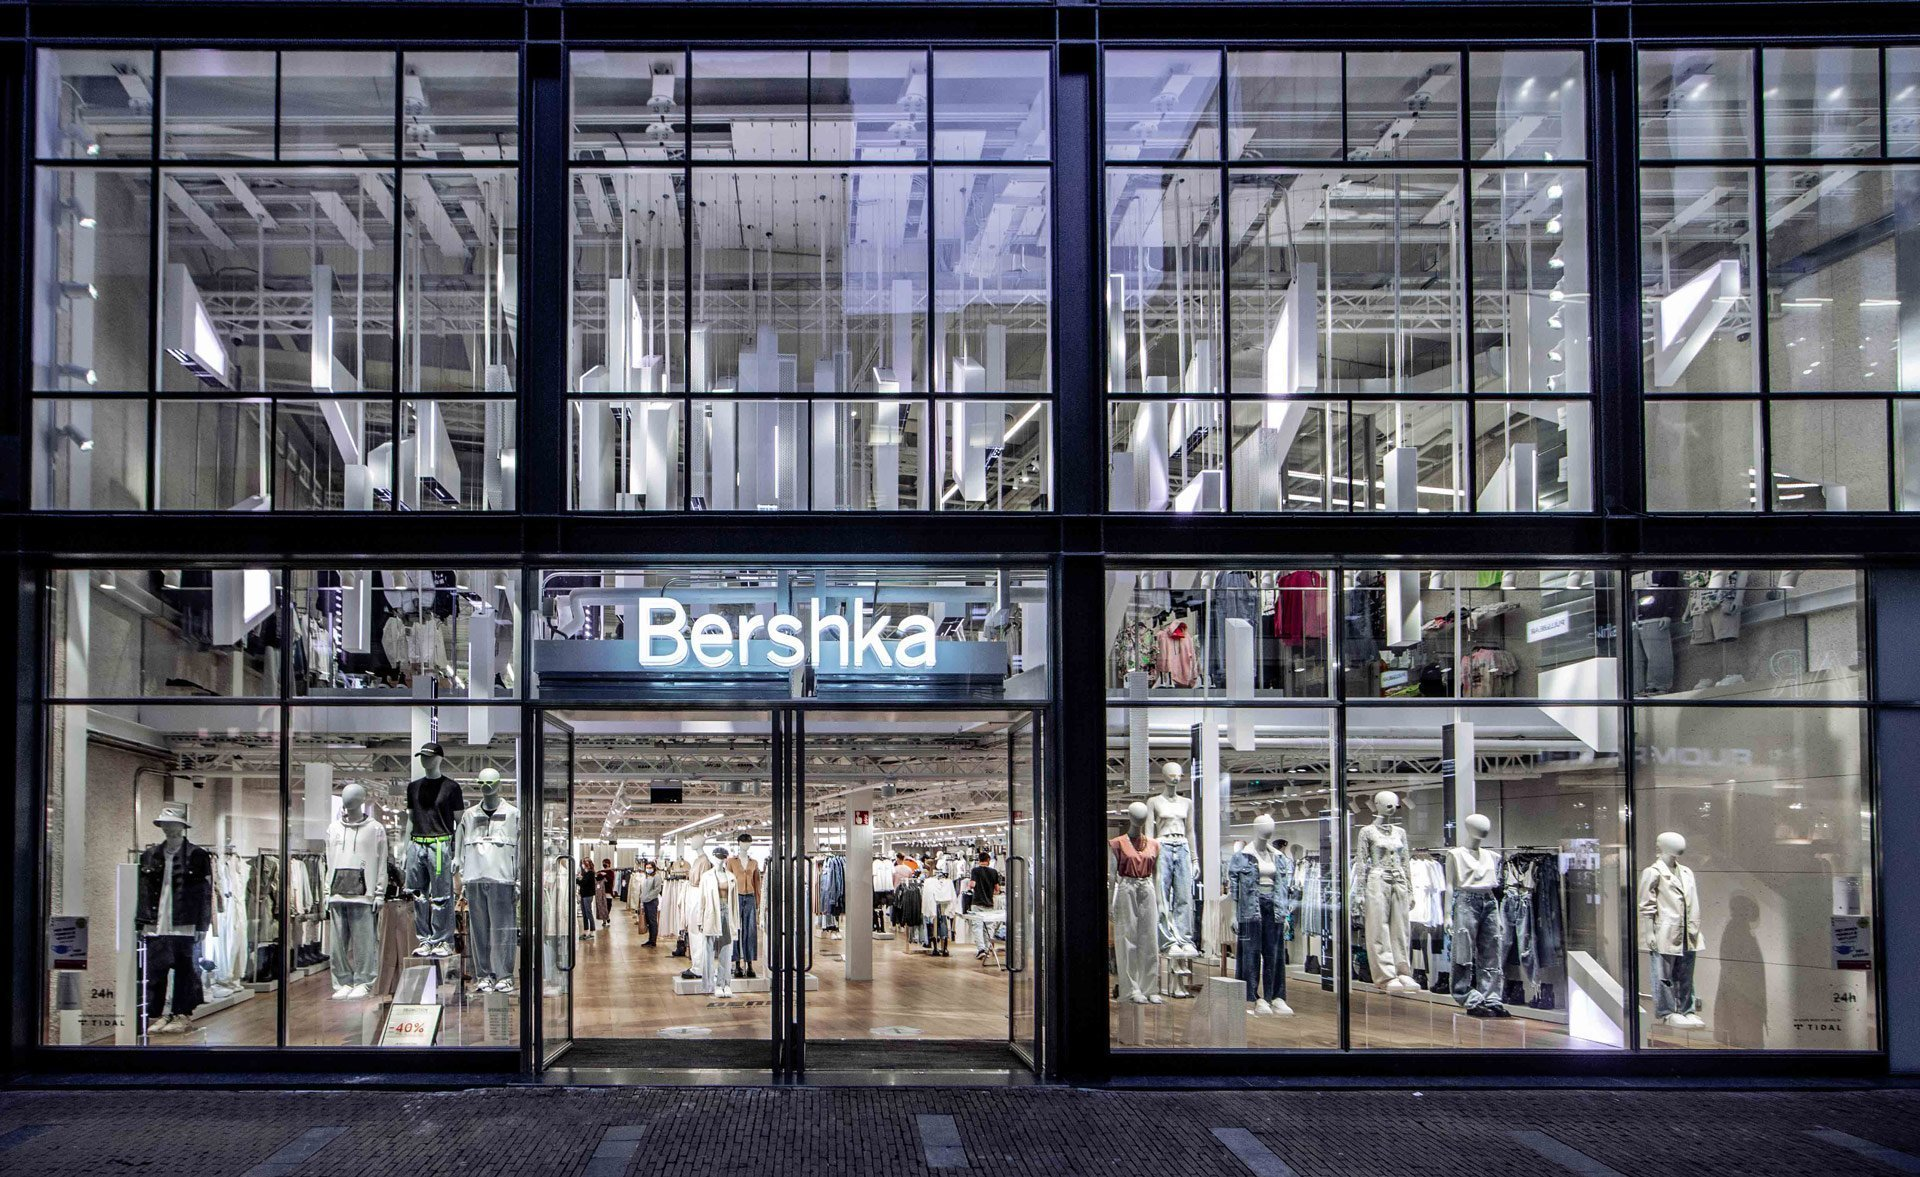 Der neue Flagship-Store der spanischen Modekette Bershka in Amsterdam (Foto: instronic)